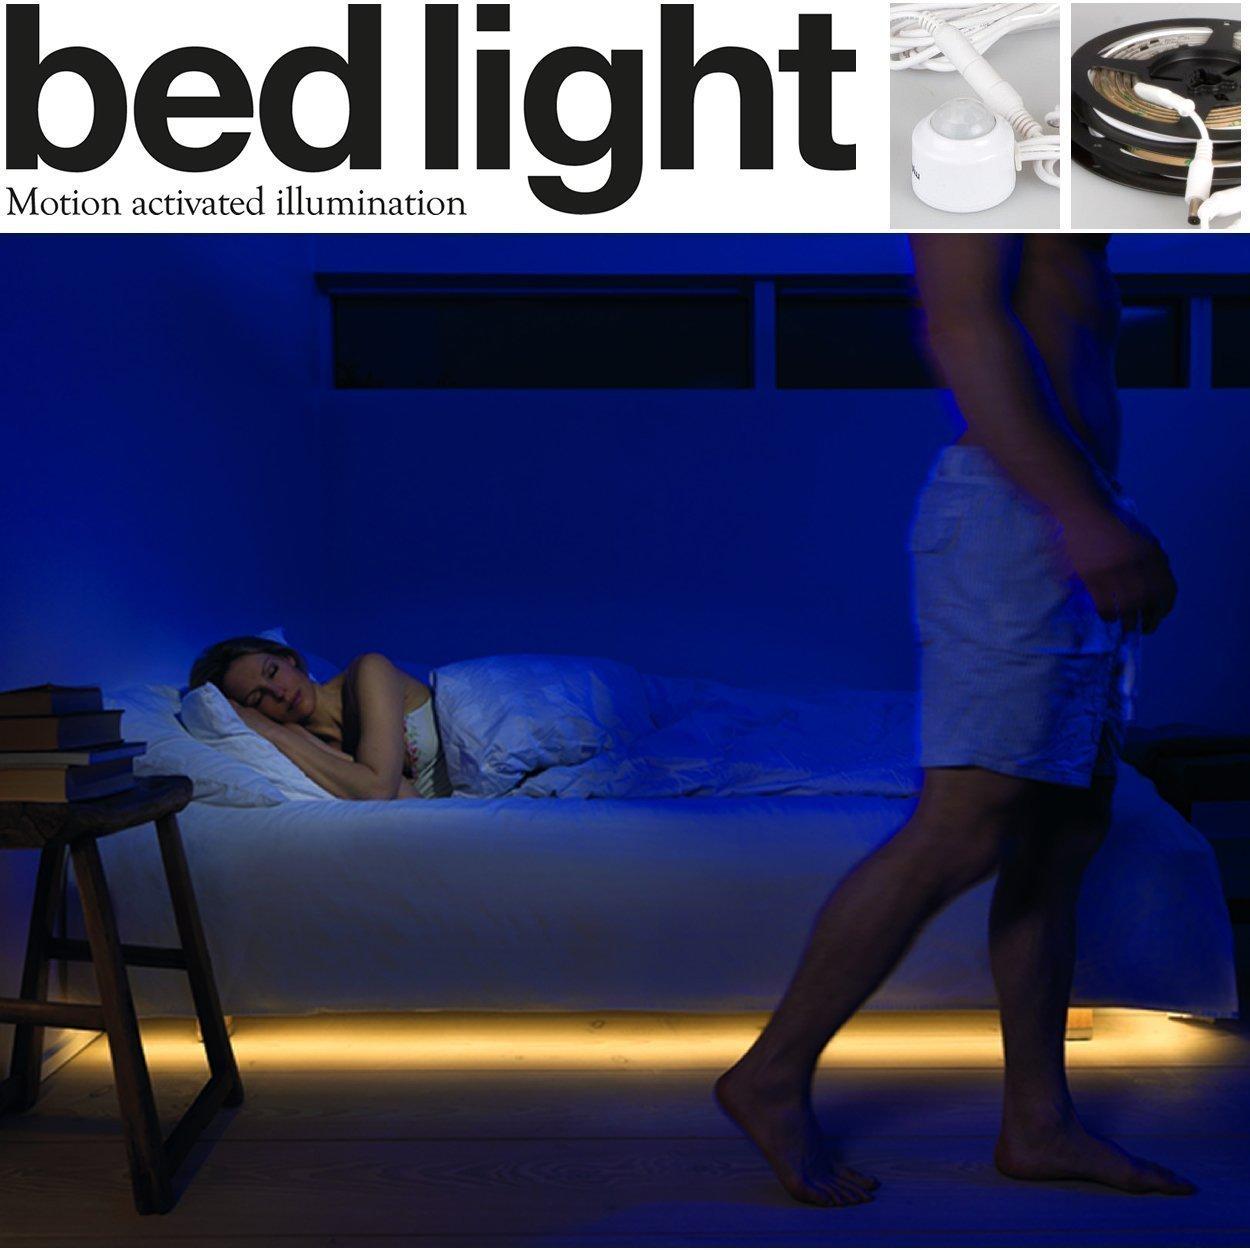 תאורת לילה עם חישן תנועה